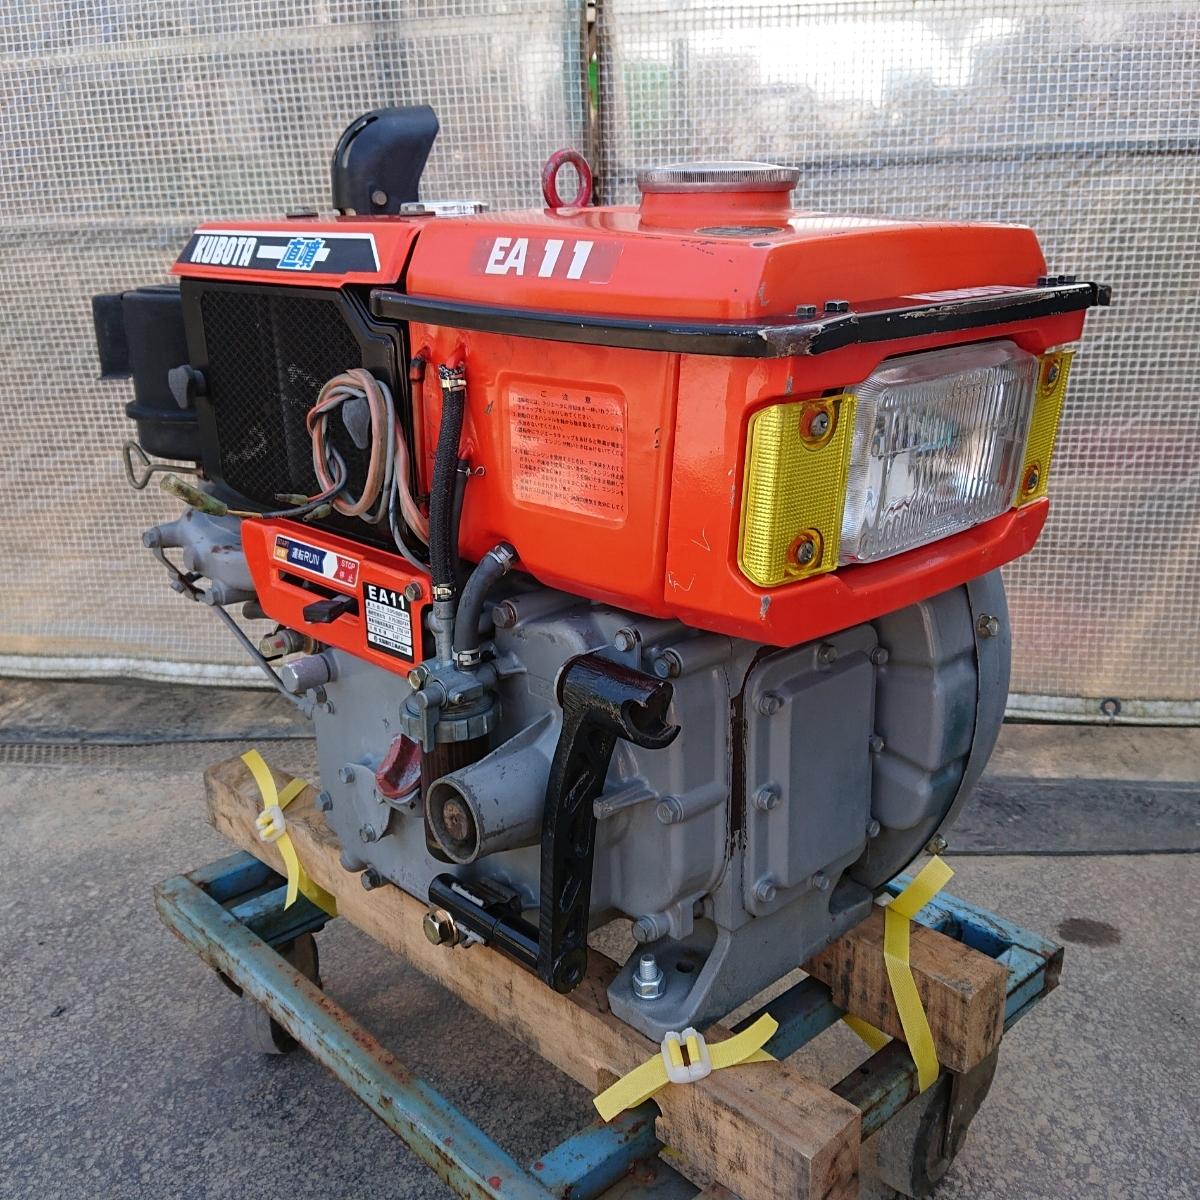 クボタ ディーゼルエンジン EA11 10.5馬力 発動機 実働品 直噴_画像3